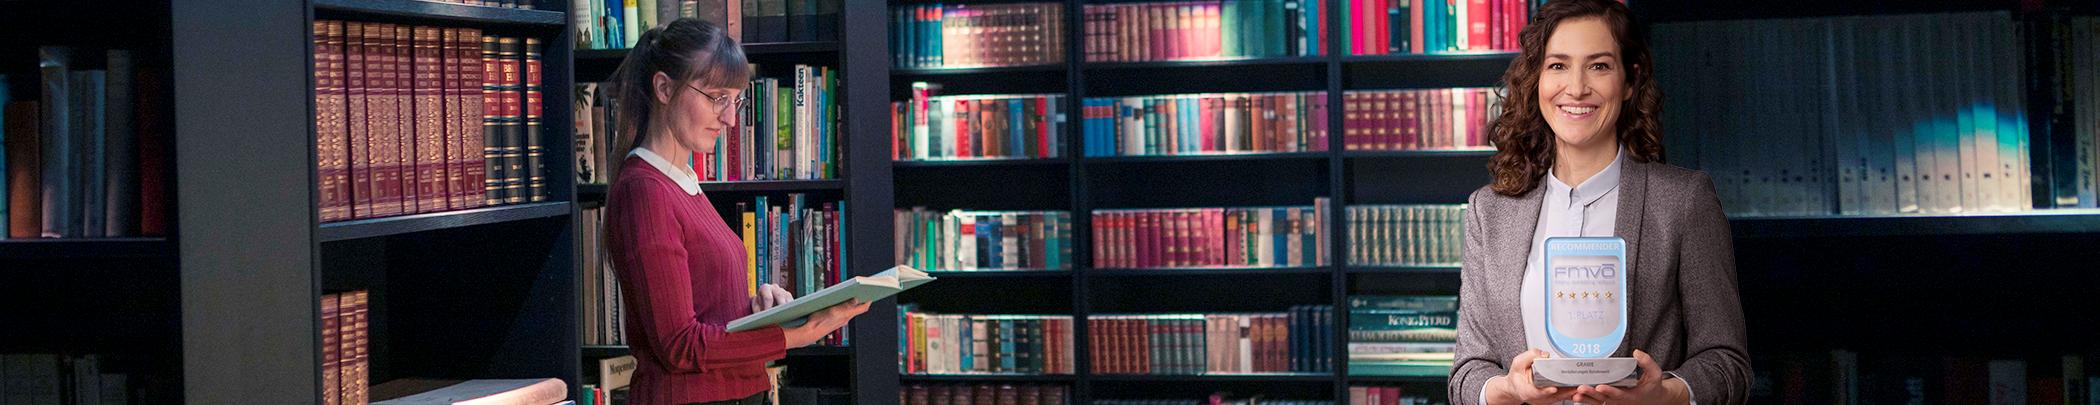 Frau in einer Bibliothek